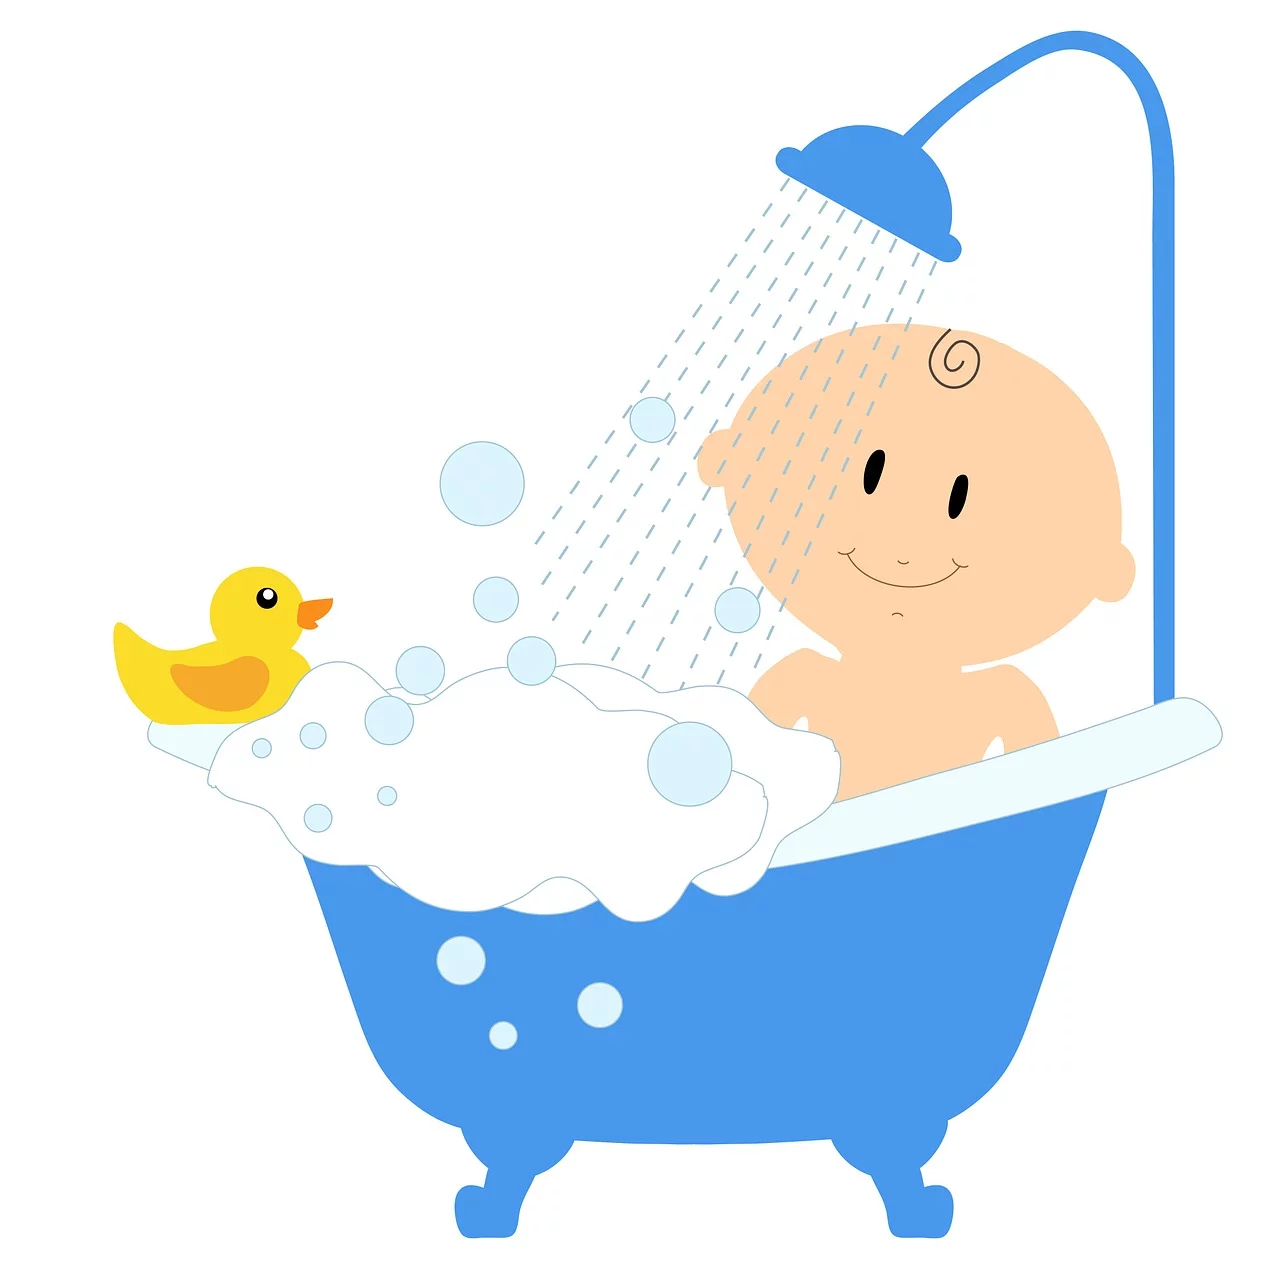 ダブル洗顔不要のクレンジングはお風呂でシャンプーした後がベストなタイミングなんです